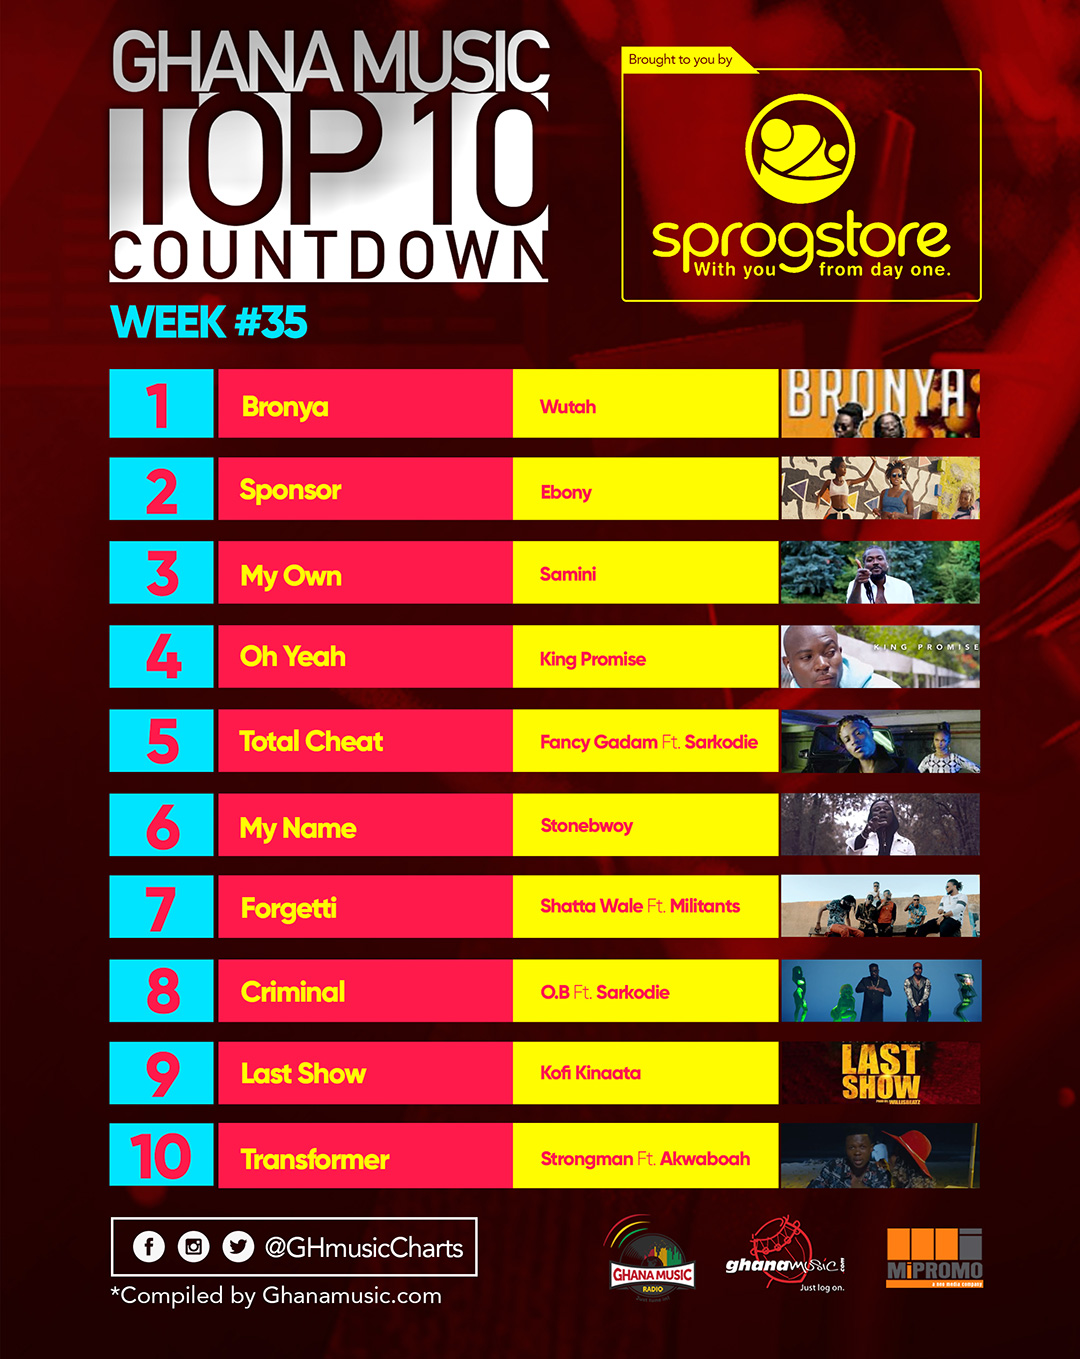 Week #35: Week ending Saturday, September 3rd, 2017. Ghana Music Top 10 Countdown.